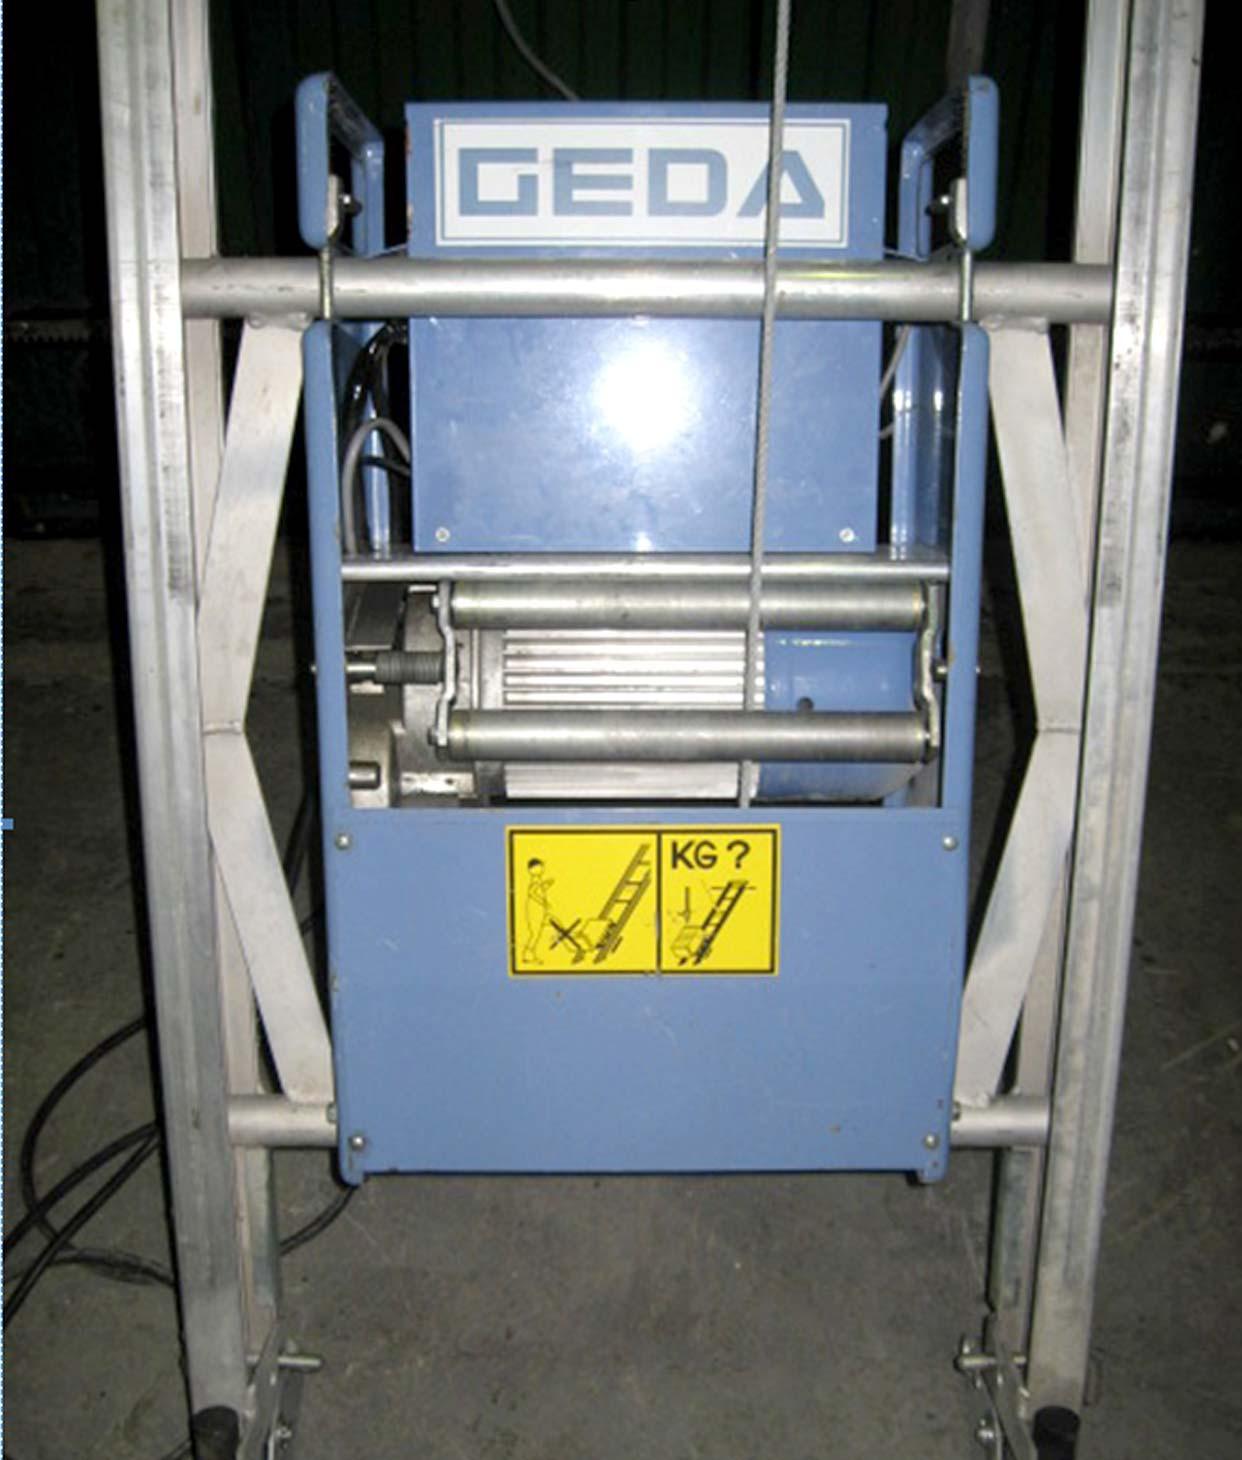 geda-02-20m-ee